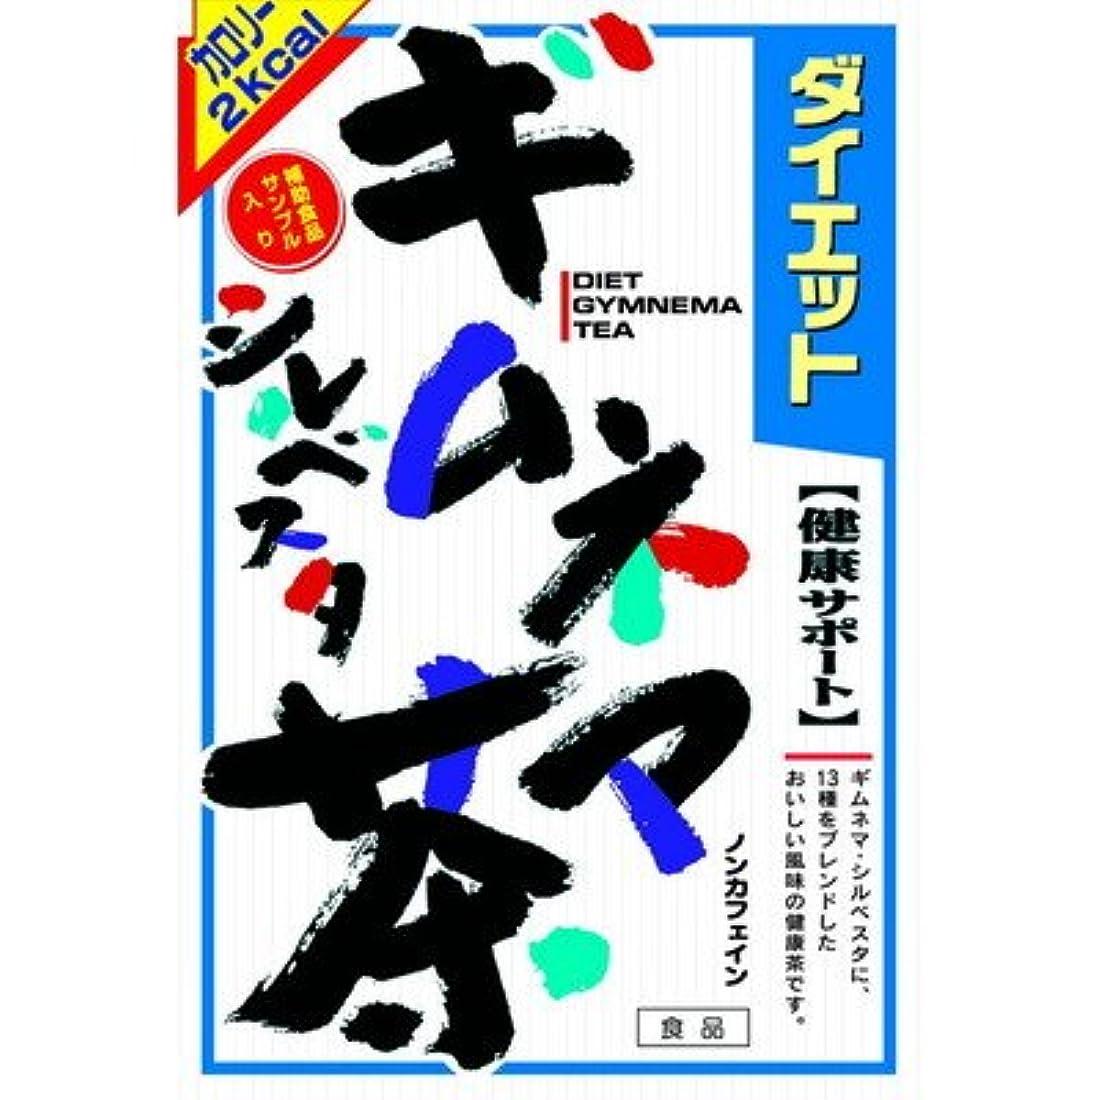 組立映画妖精山本漢方 ダイエットギムネマシルベスタ茶 8g x 24包【2個セット】